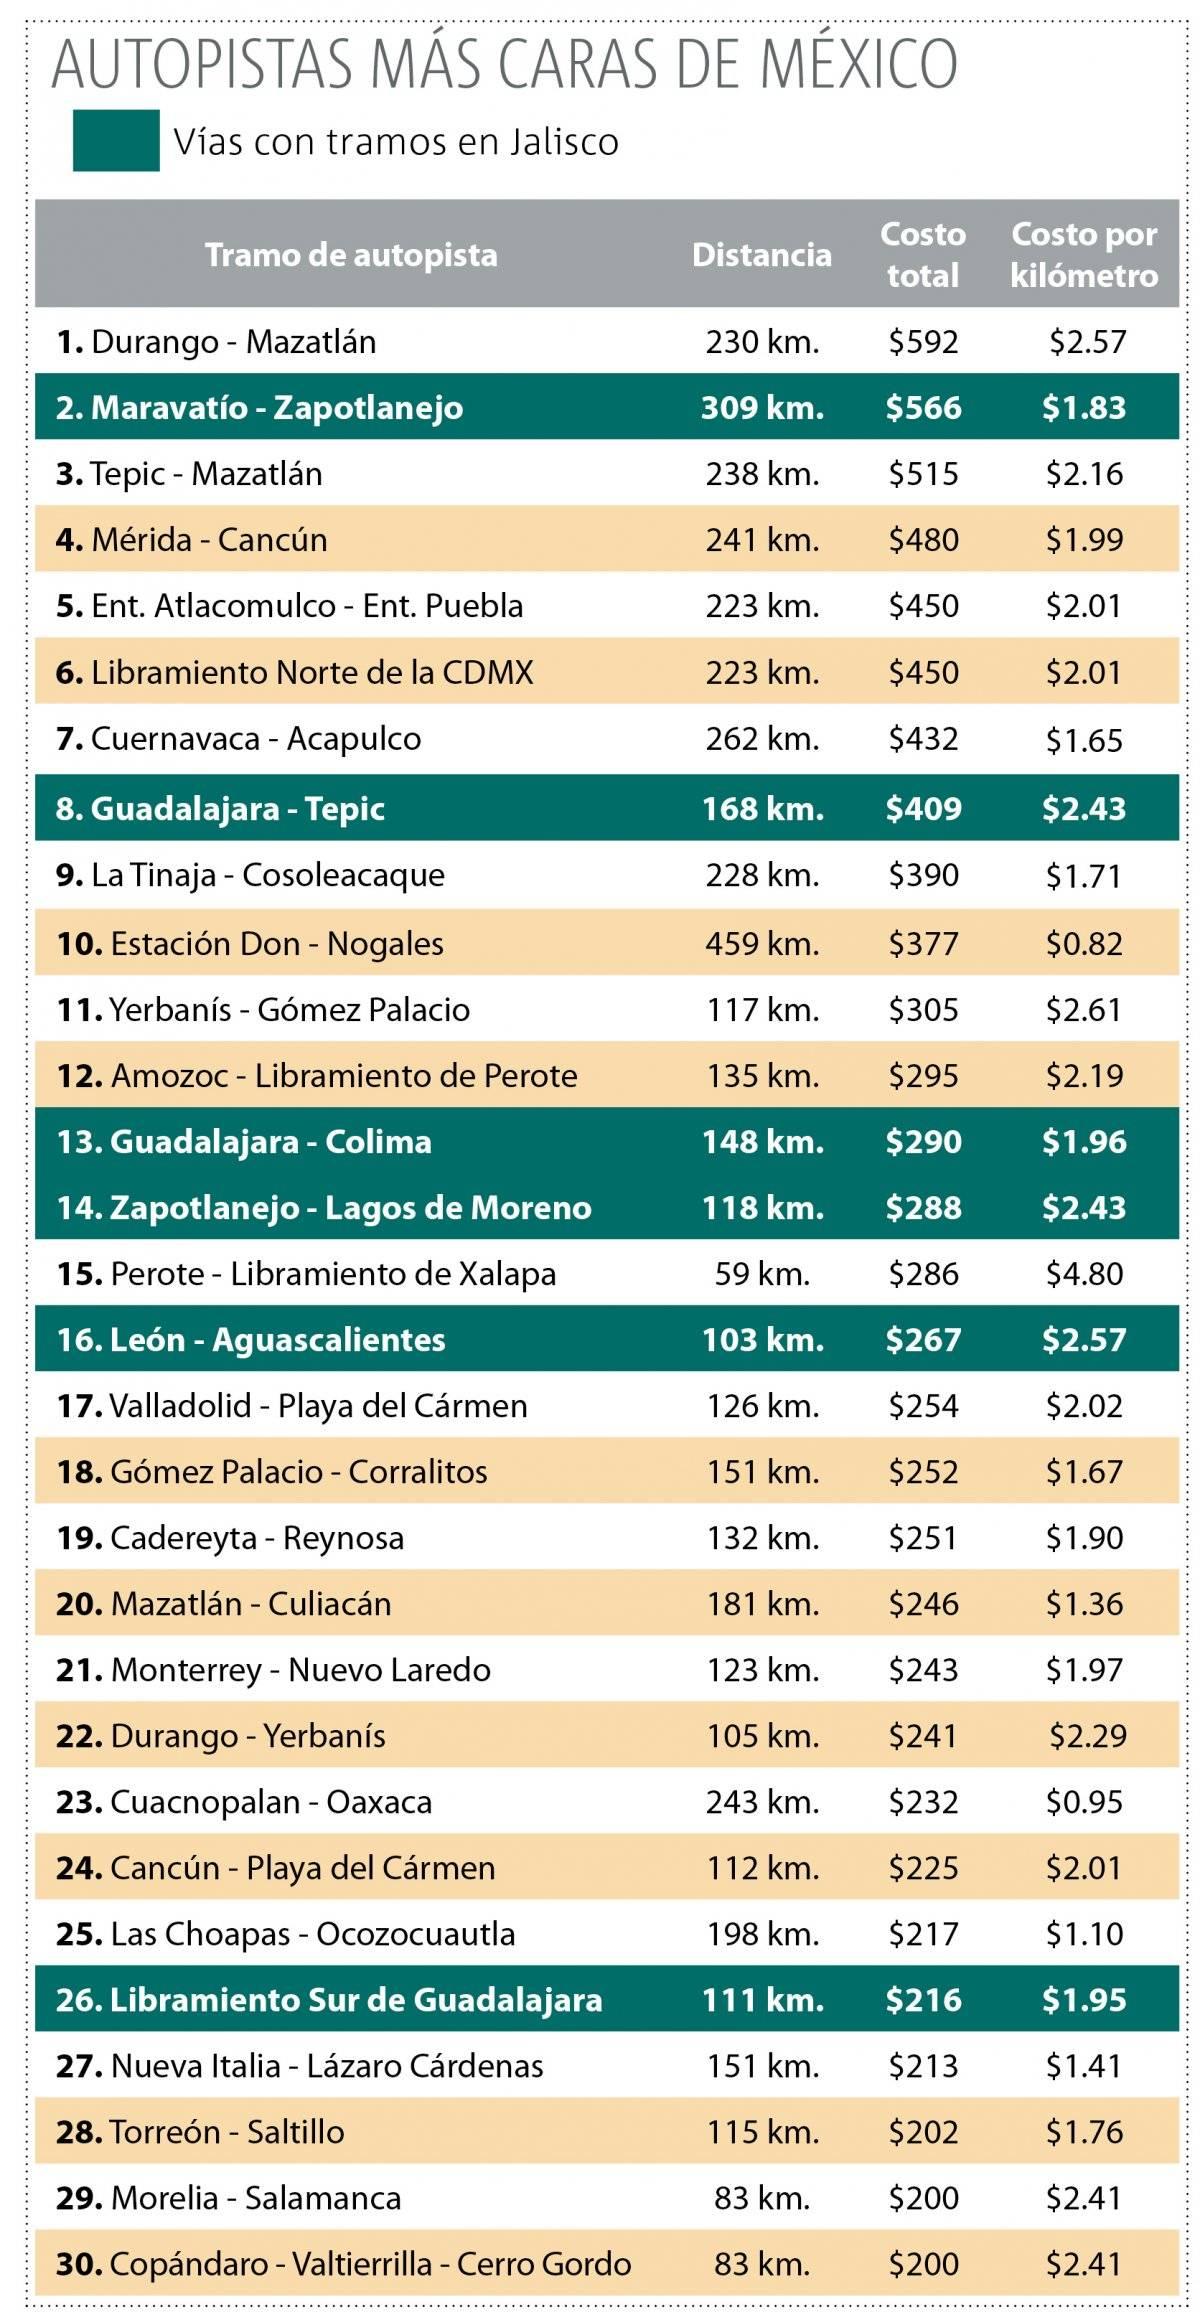 Autopistas de Jalisco, entre las más costosas